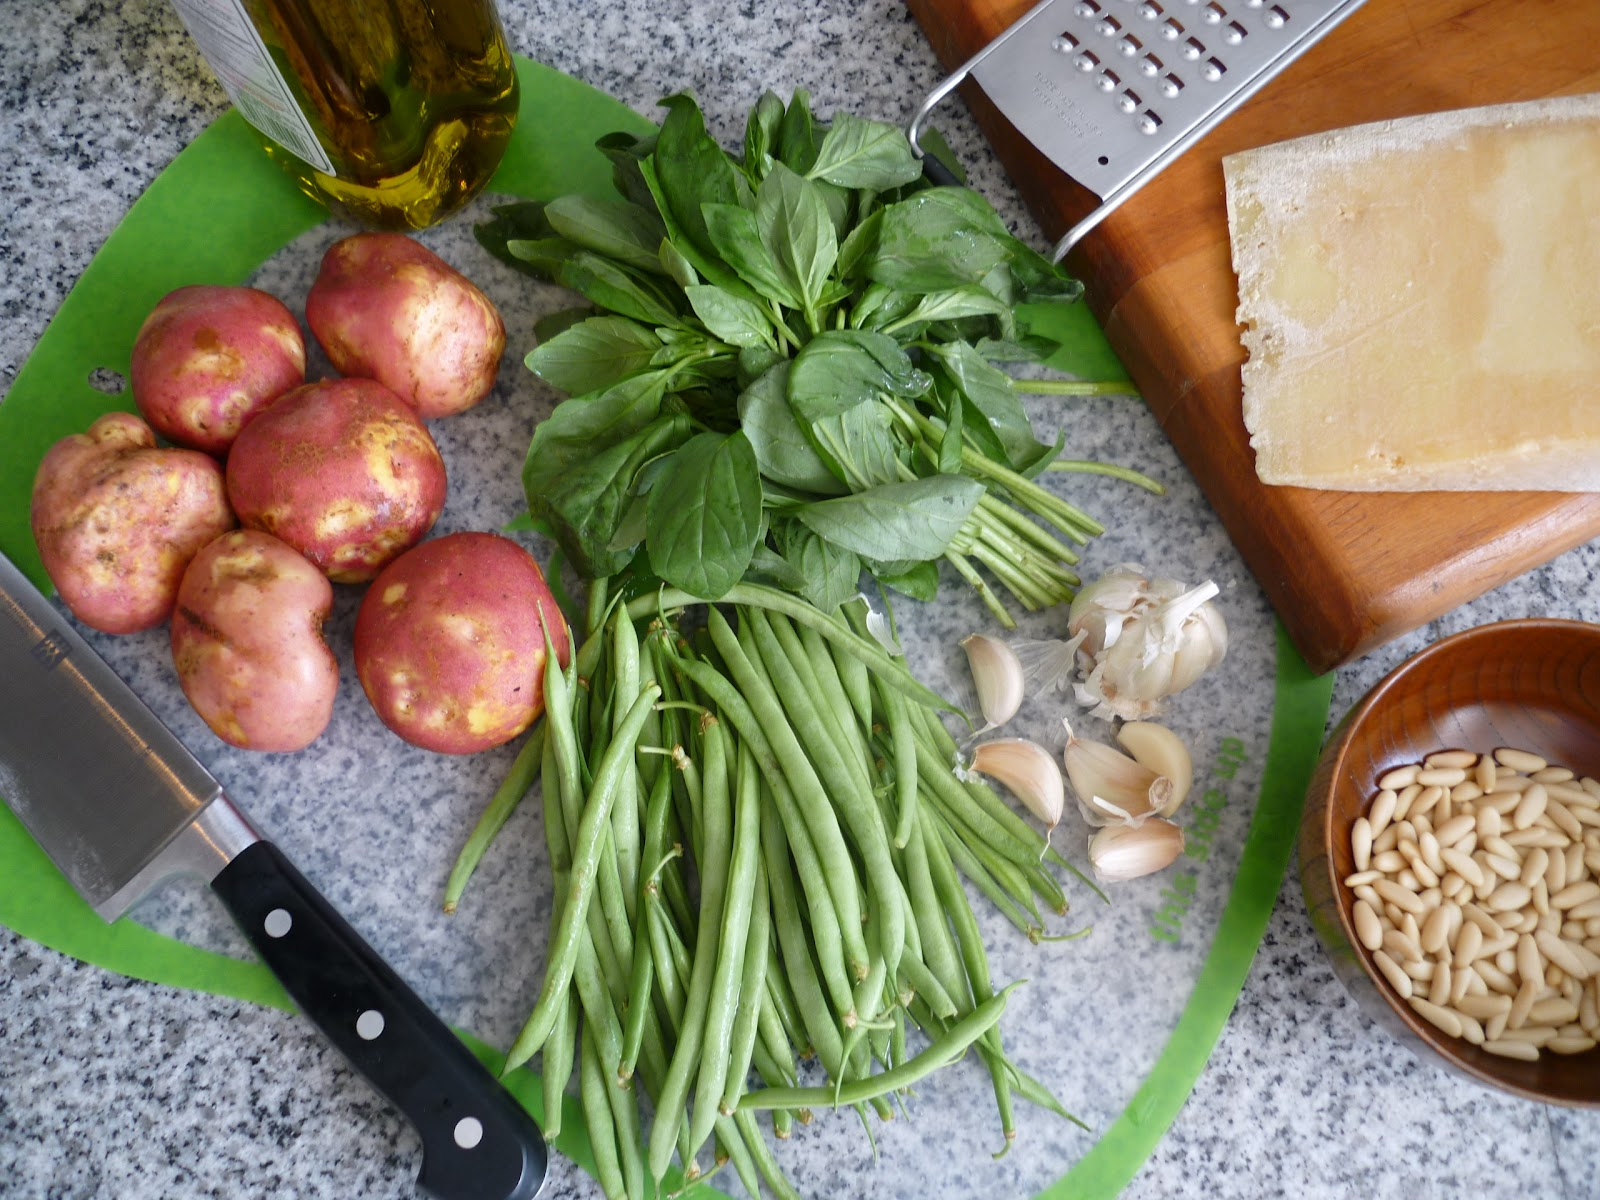 Tagliatelle + Pesto de Albahaca + Vainitas + Papitas - 02